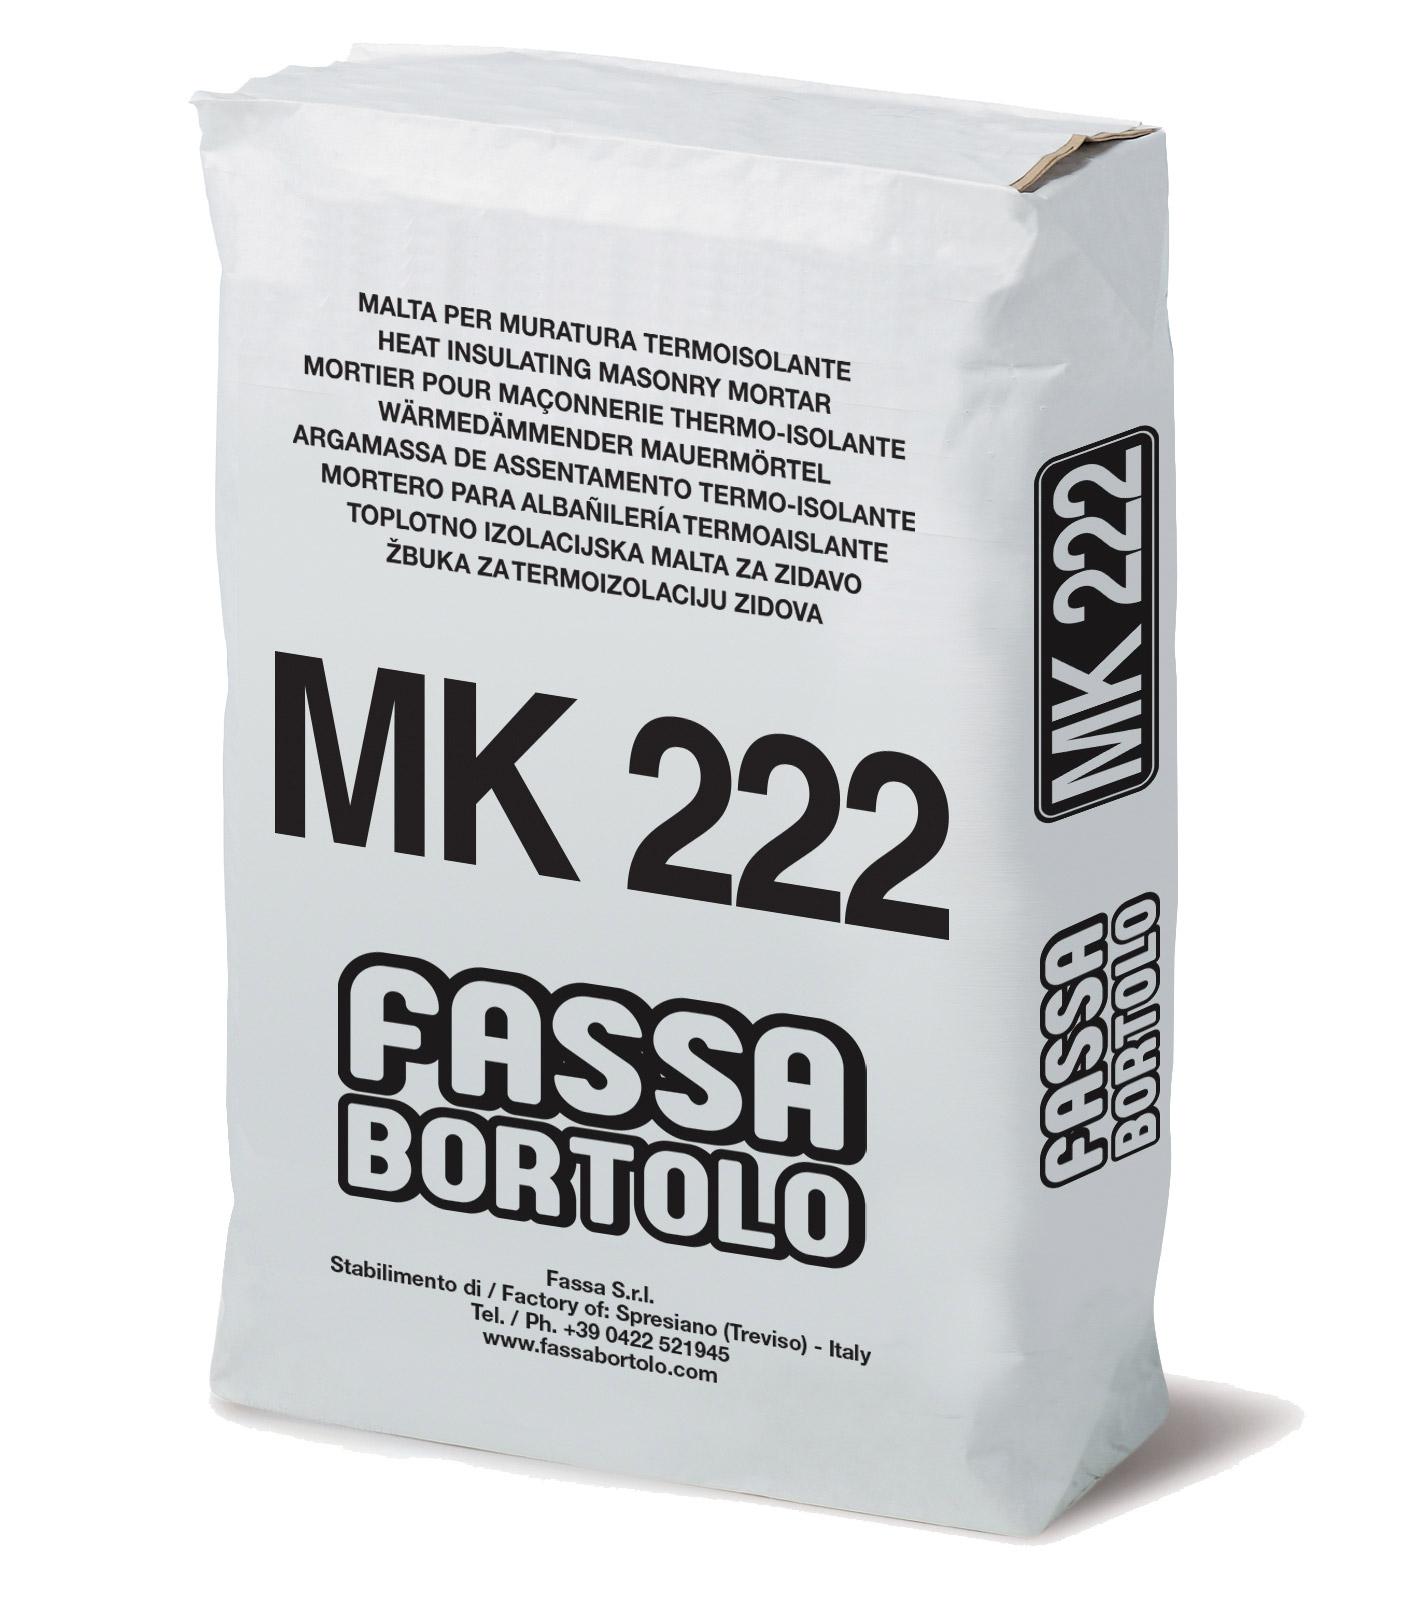 MK 222: Malta cementizia per muratura termoisolante